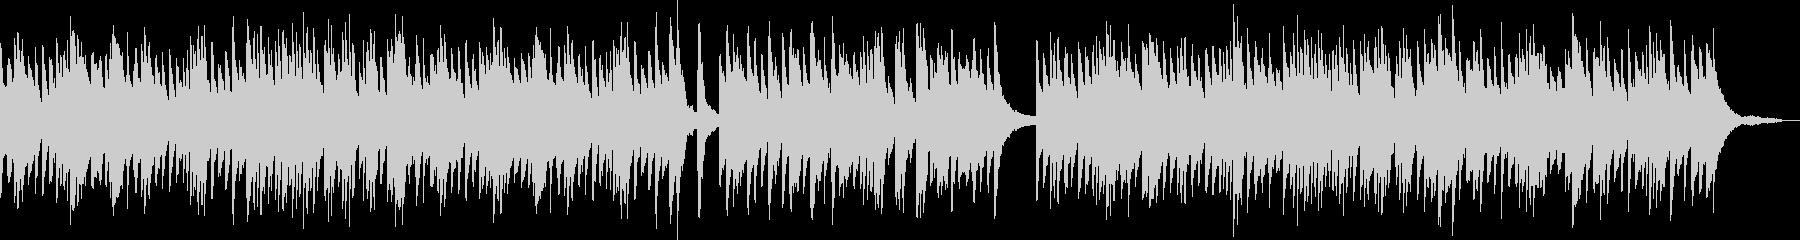 三拍子の少しほのぼのとしたピアノバラードの未再生の波形